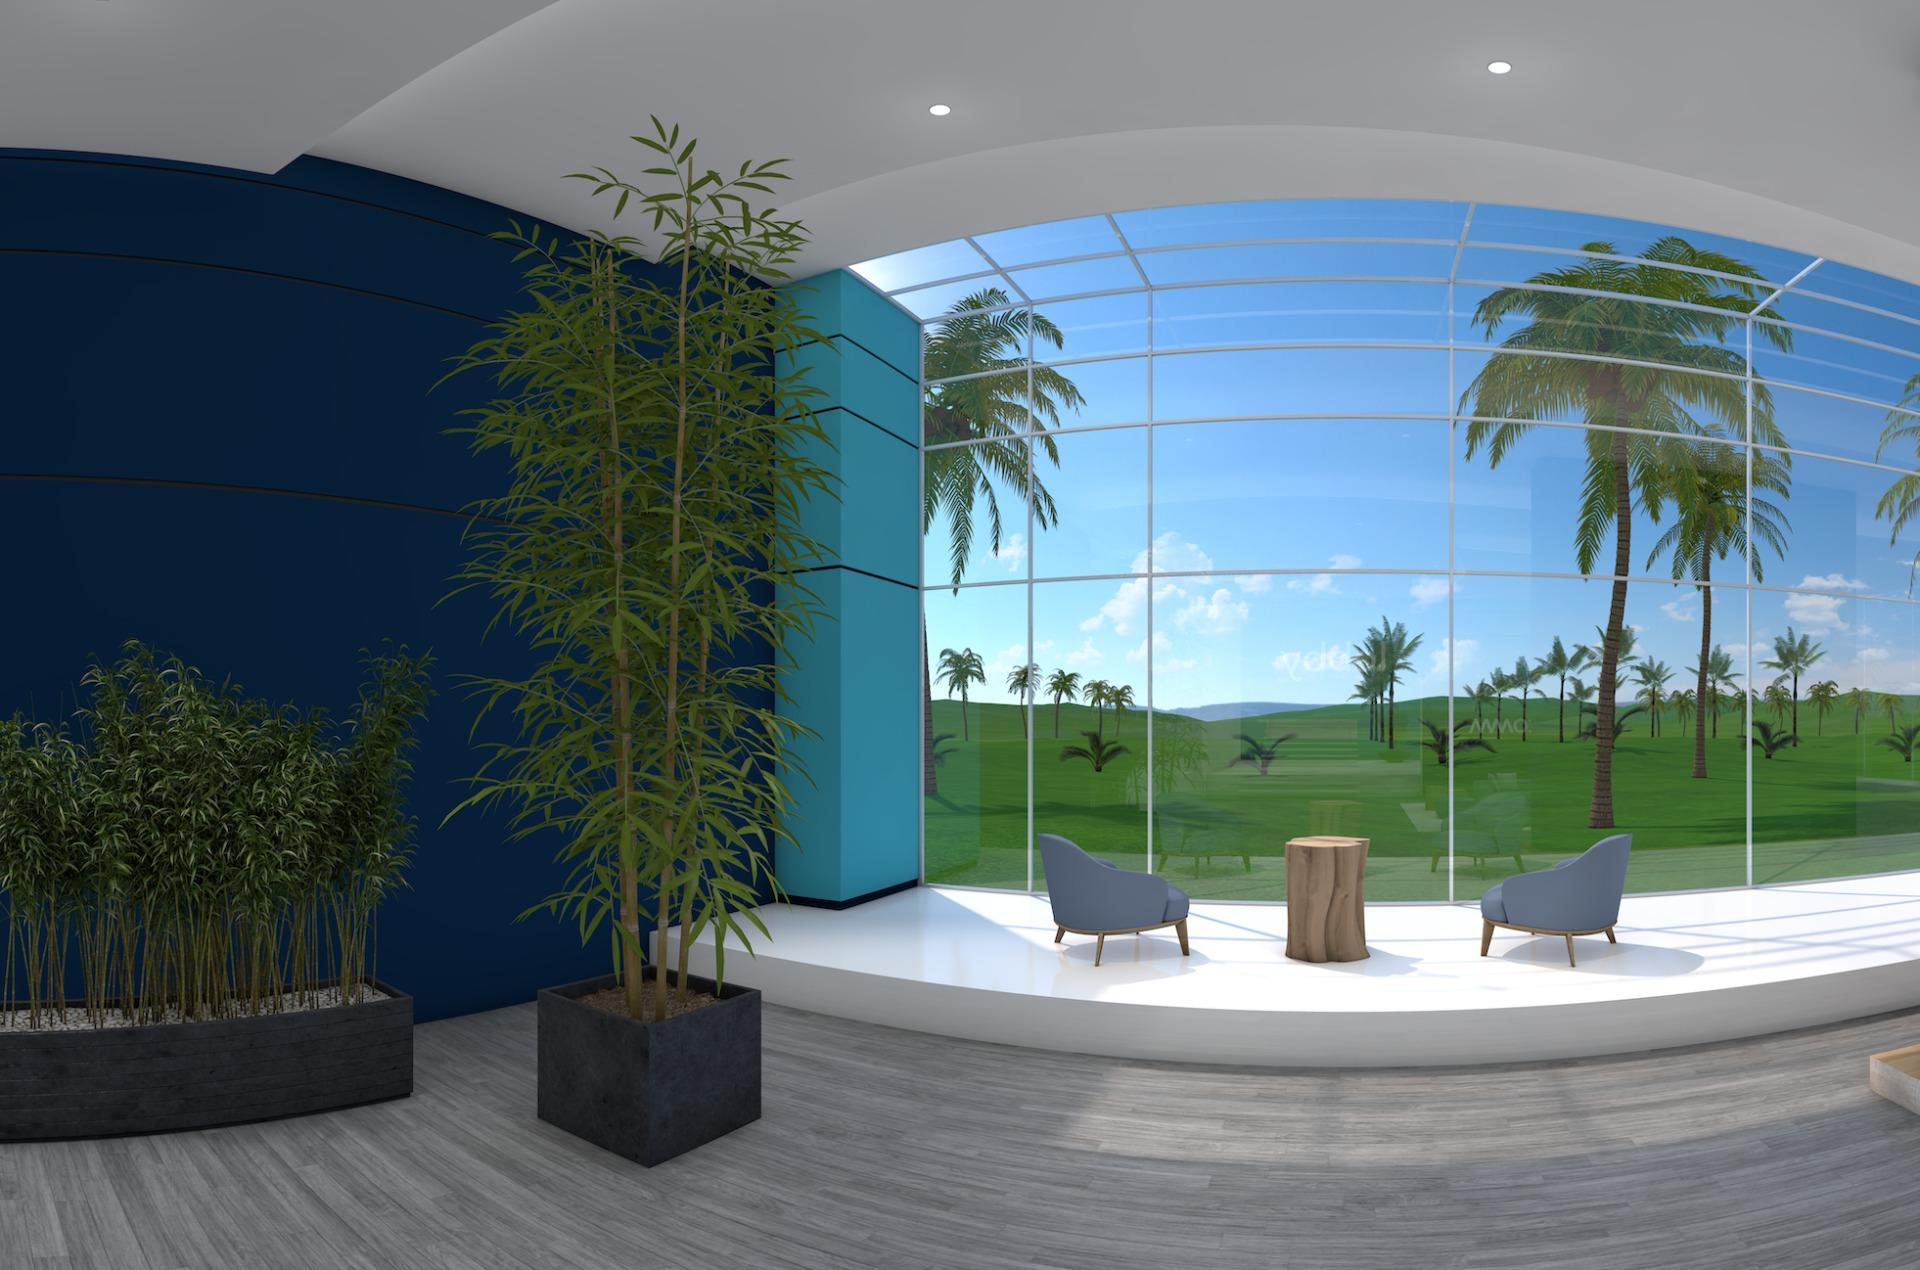 Beispiel eines virtuellen Meetingraumes | VISIOVENT